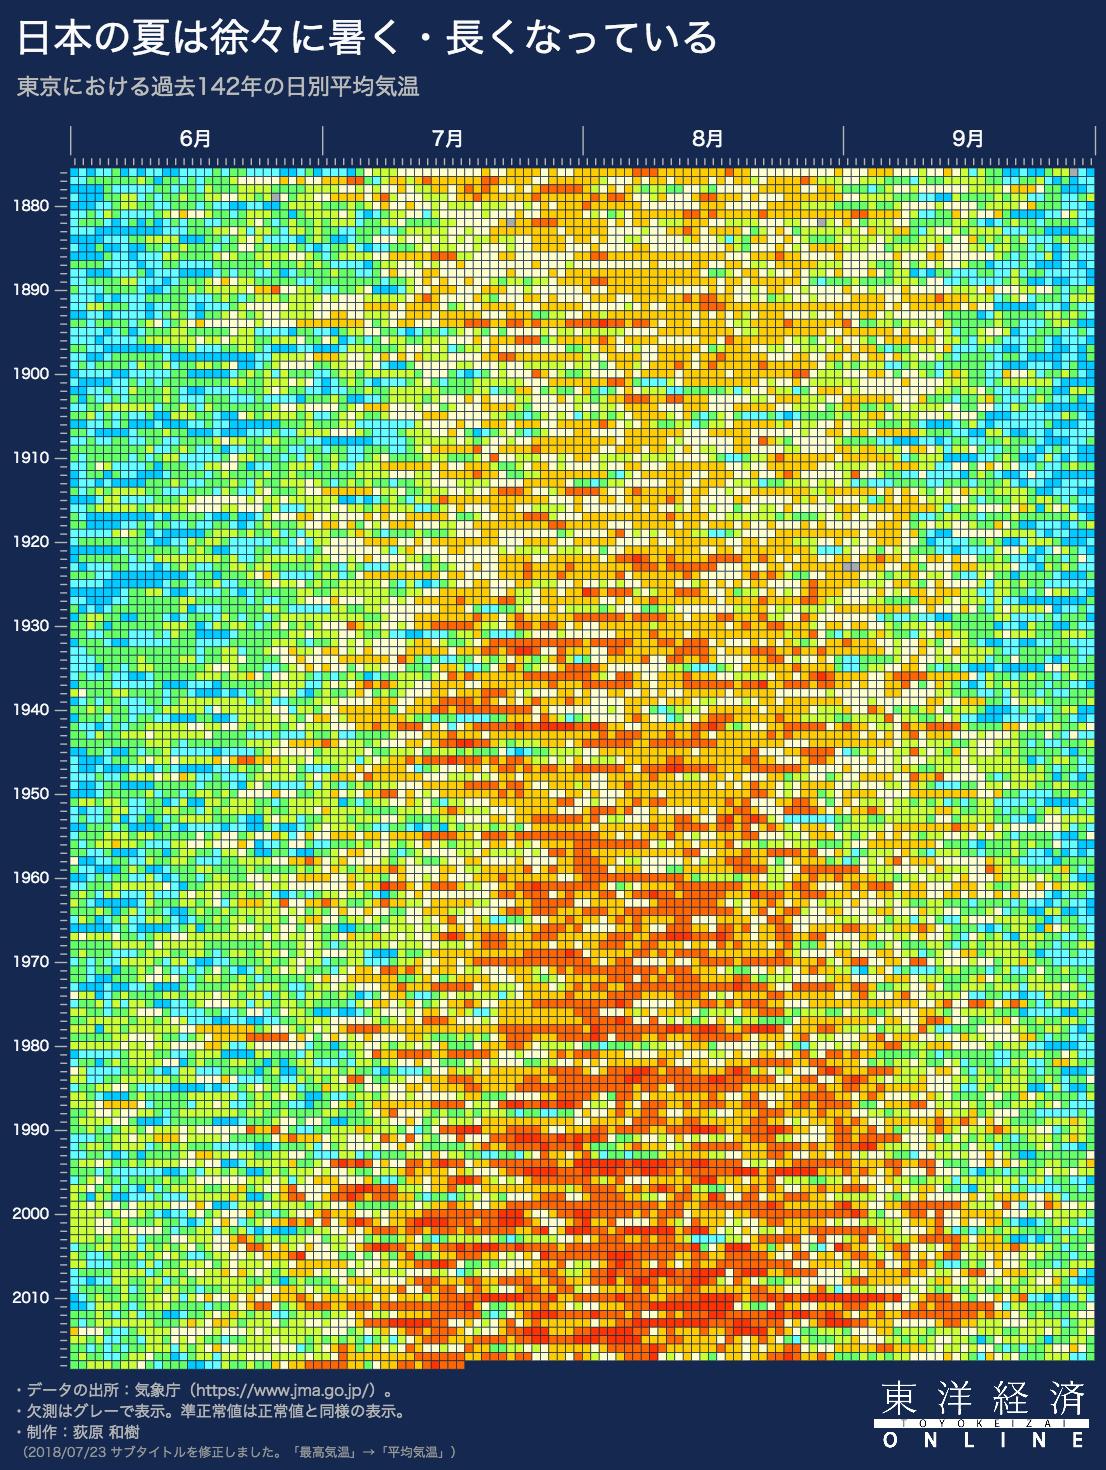 東洋経済オンライン「東京の夏は着実に「暑く・長く」なっている 過去140年分の日別平均気温をビジュアル化」からのヒートマップ画像